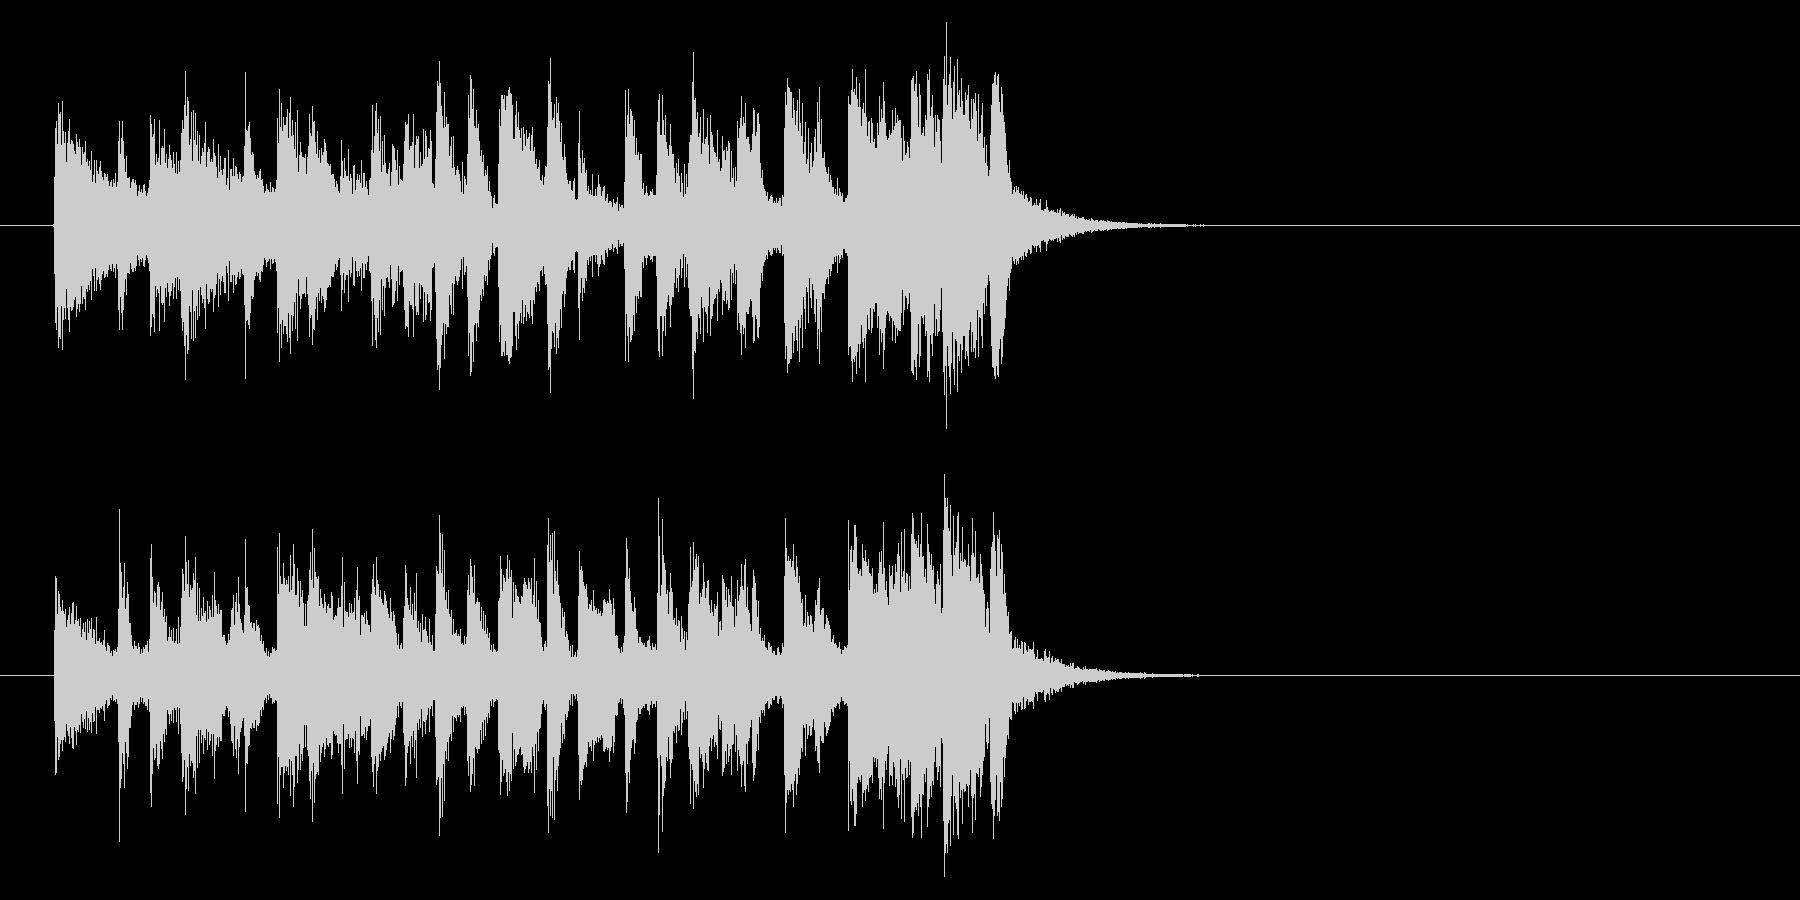 コーナー・タイトル風フュージョンの曲の未再生の波形